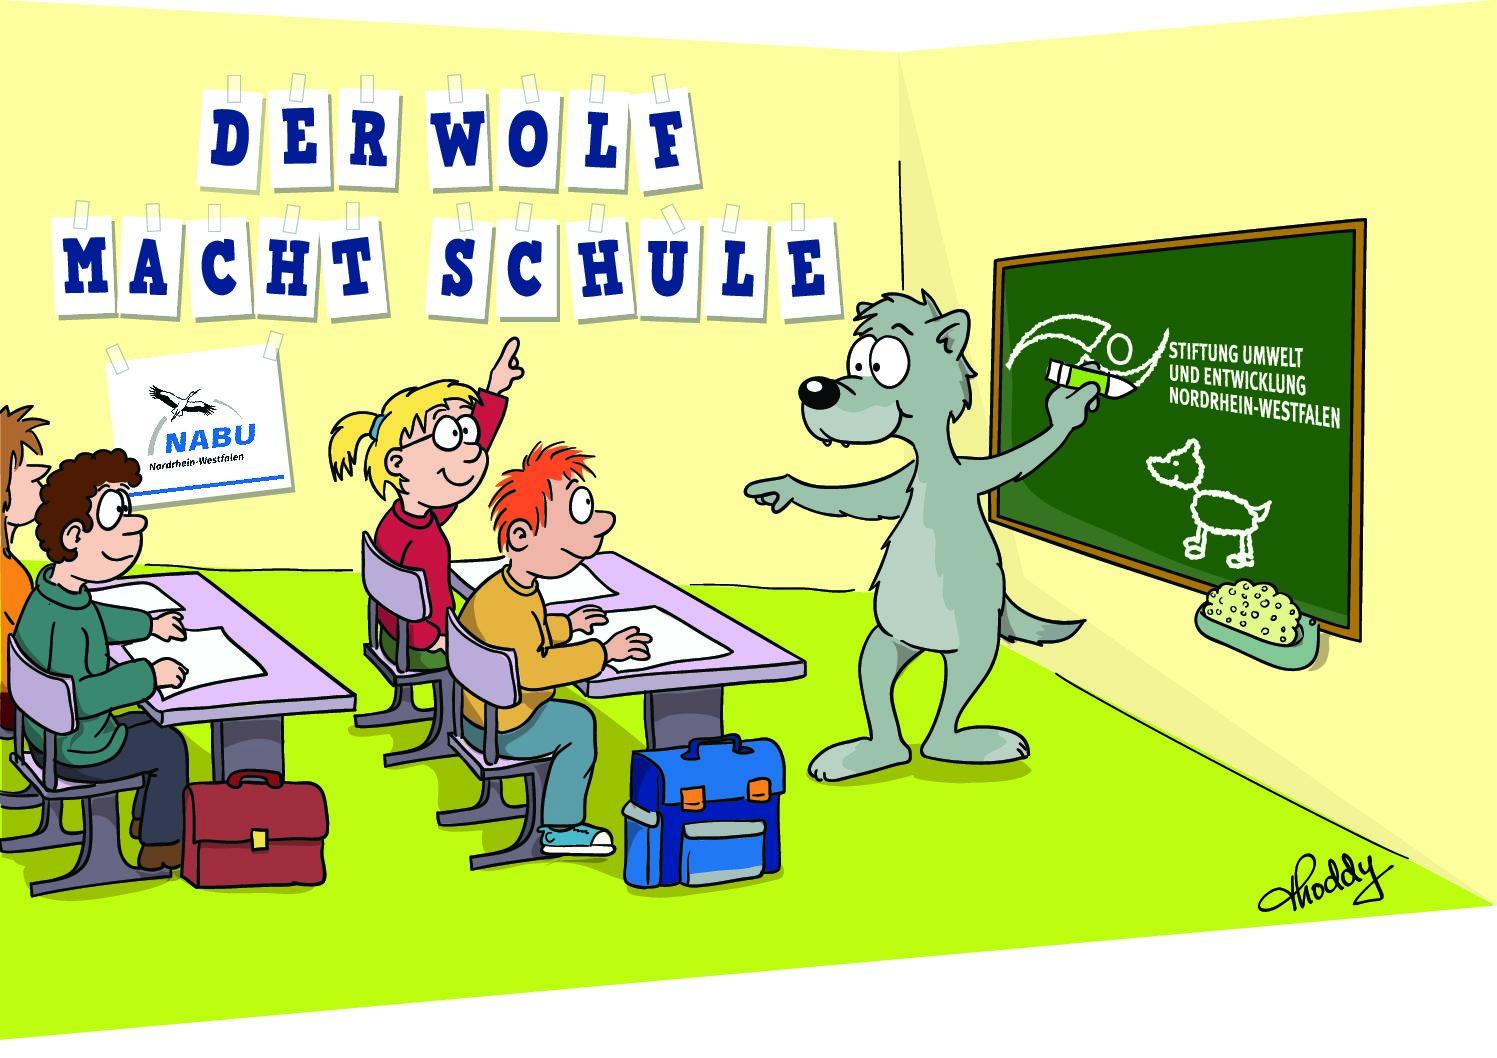 Der Wolf kommt ins Moorhus ++ Alle Aktionen und Ausstellung auf Oktober verschoben! ++